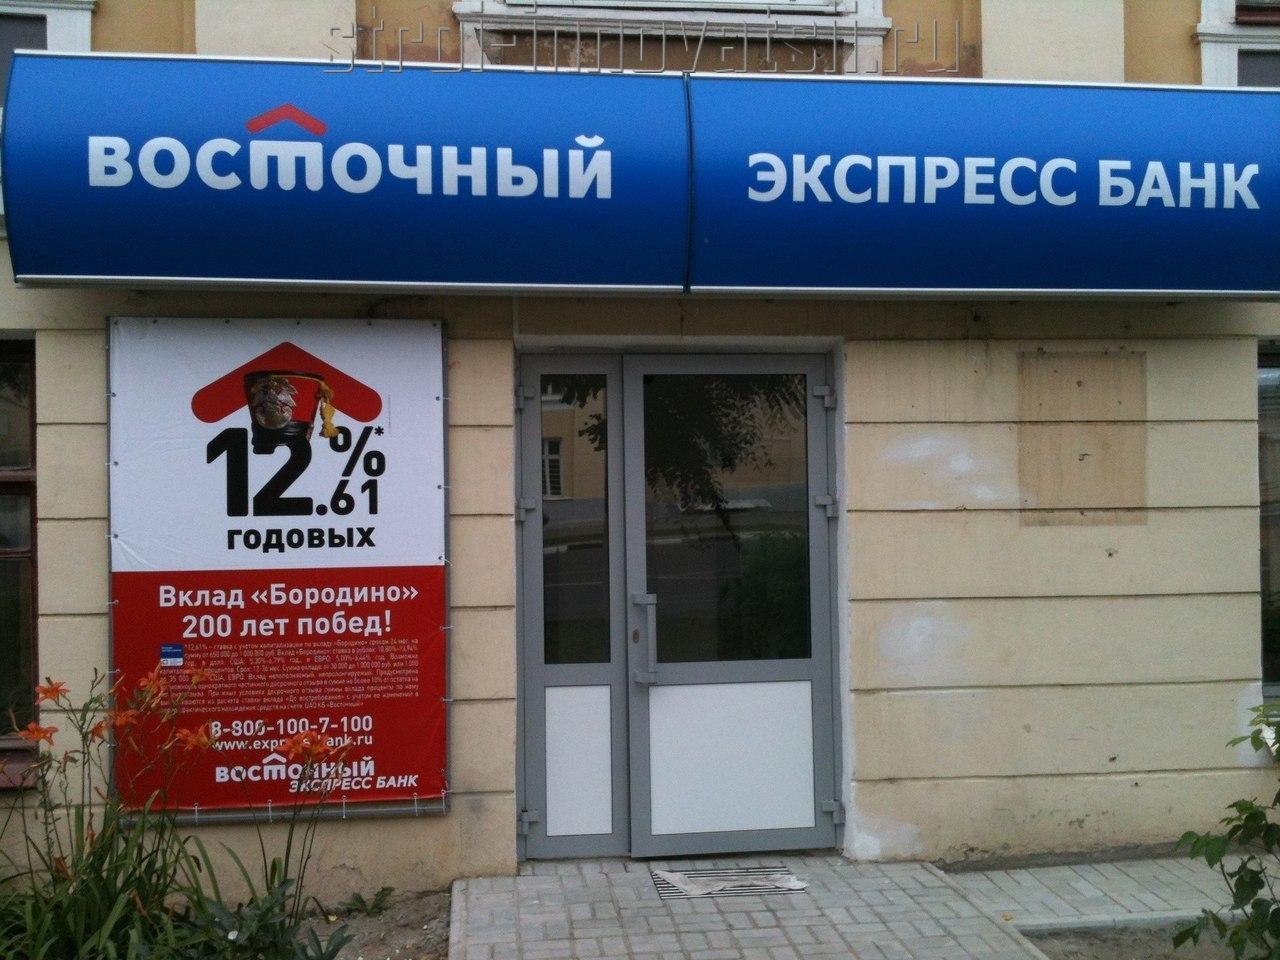 авторов книг филиалы по россии восточный экспрэсс банк чем